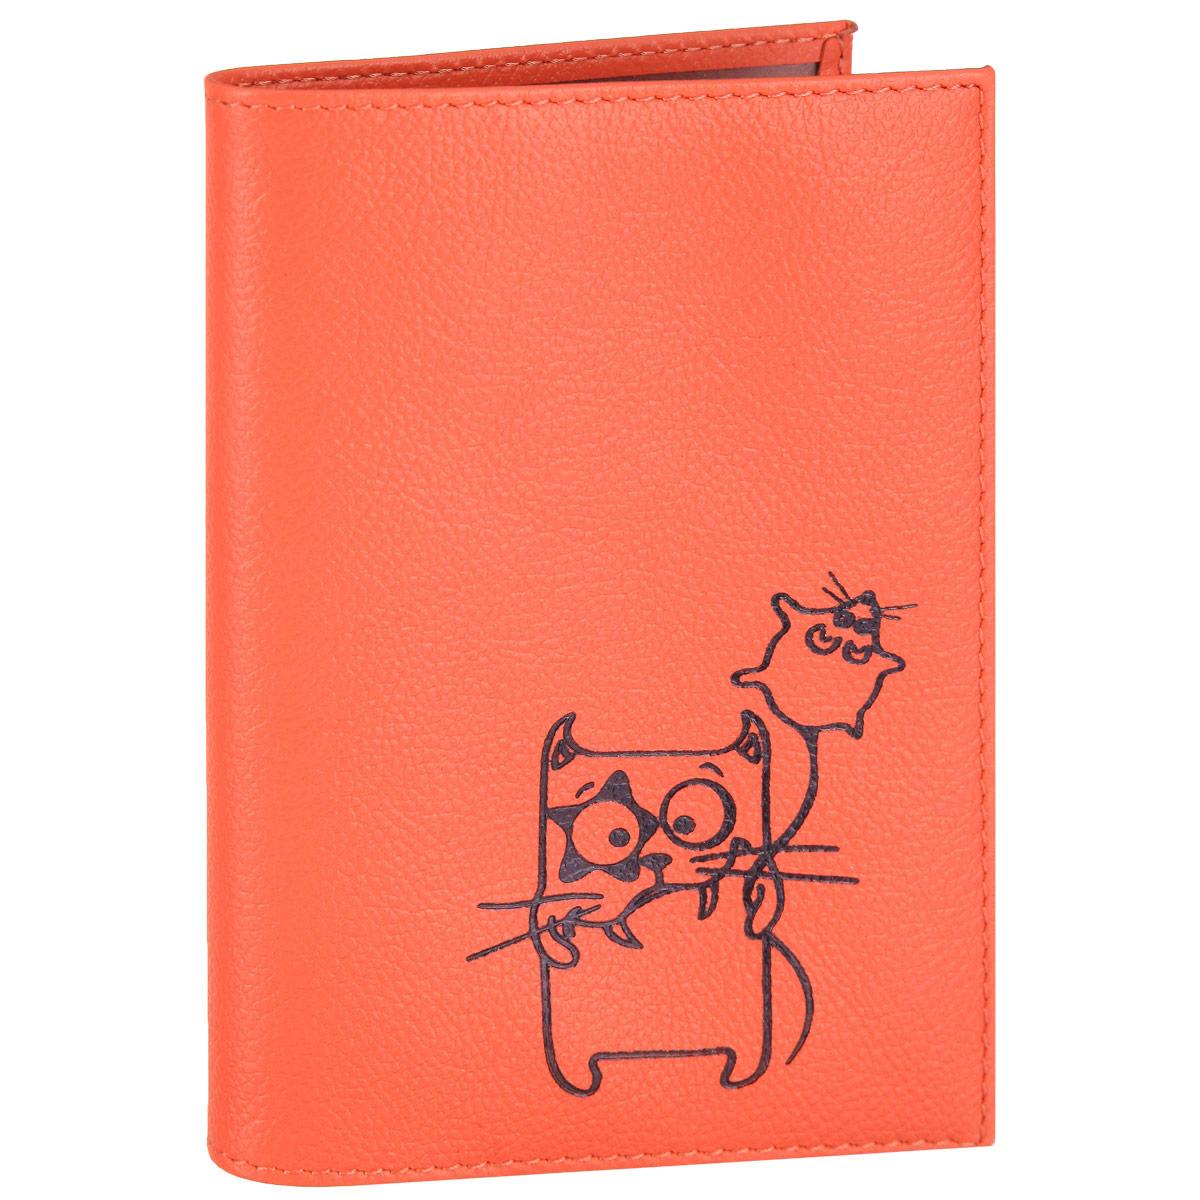 Обложка для паспорта Fabula Friends цвет: коралловый. O.30.CHO.30.CH. грейпфрутСтильная обложка для паспорта Fabula Friends выполнена из натуральной кожи с зернистой текстурой, оформлена художественной печатью с изображением забавного котика. Обложка для паспорта раскладывается пополам, внутри расположены два пластиковых кармашка. Такая обложка для паспорта станет прекрасным и стильным подарком человеку, любящему оригинальные и практичные вещи.